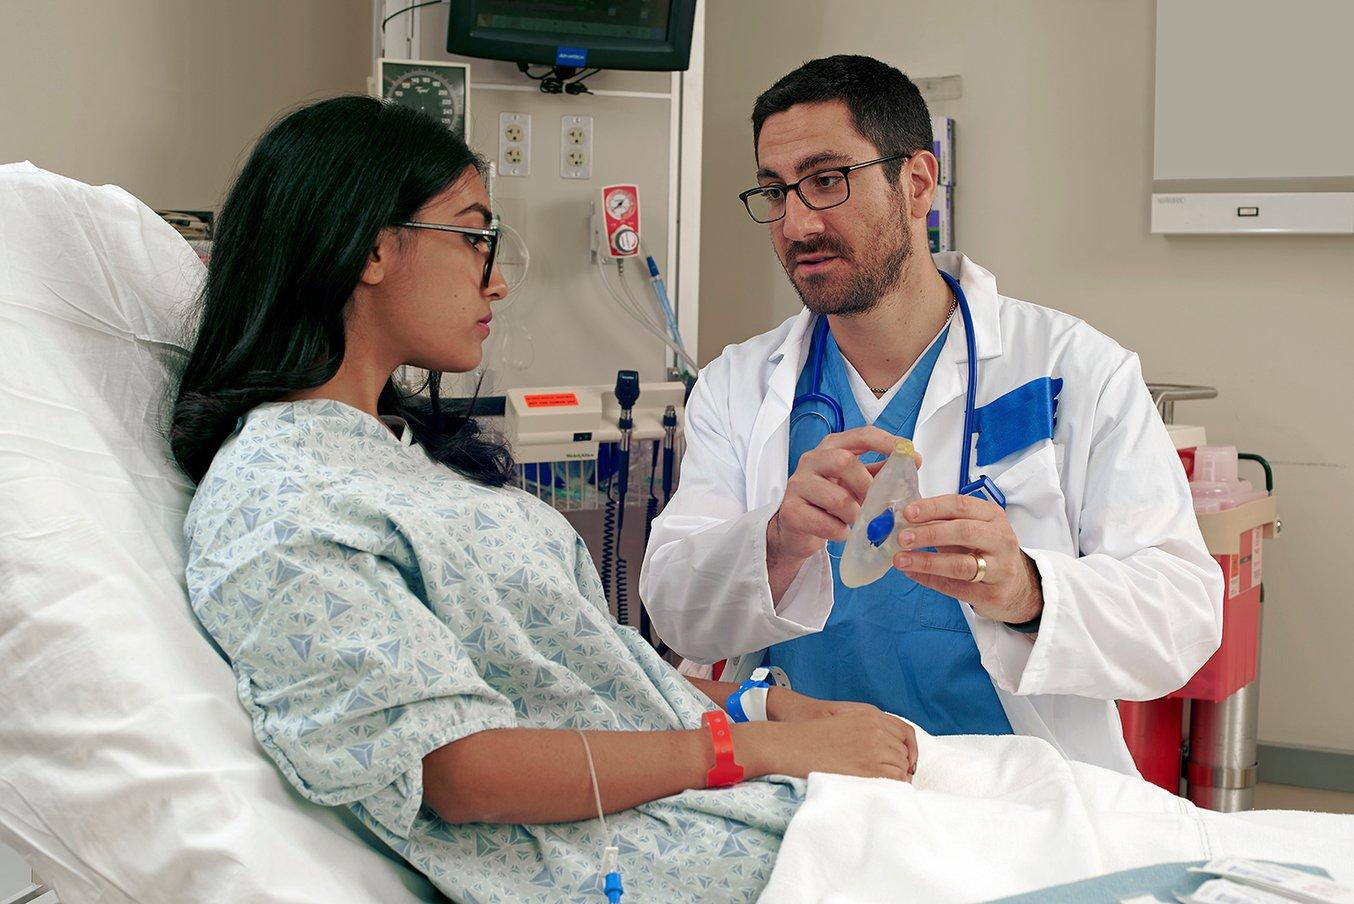 Los médicos pueden usar los modelos quirúrgicos adaptados al paciente para explicar la operación de antemano, con lo que el paciente tiene un consentimiento mejor informado y aumenta su tranquilidad.